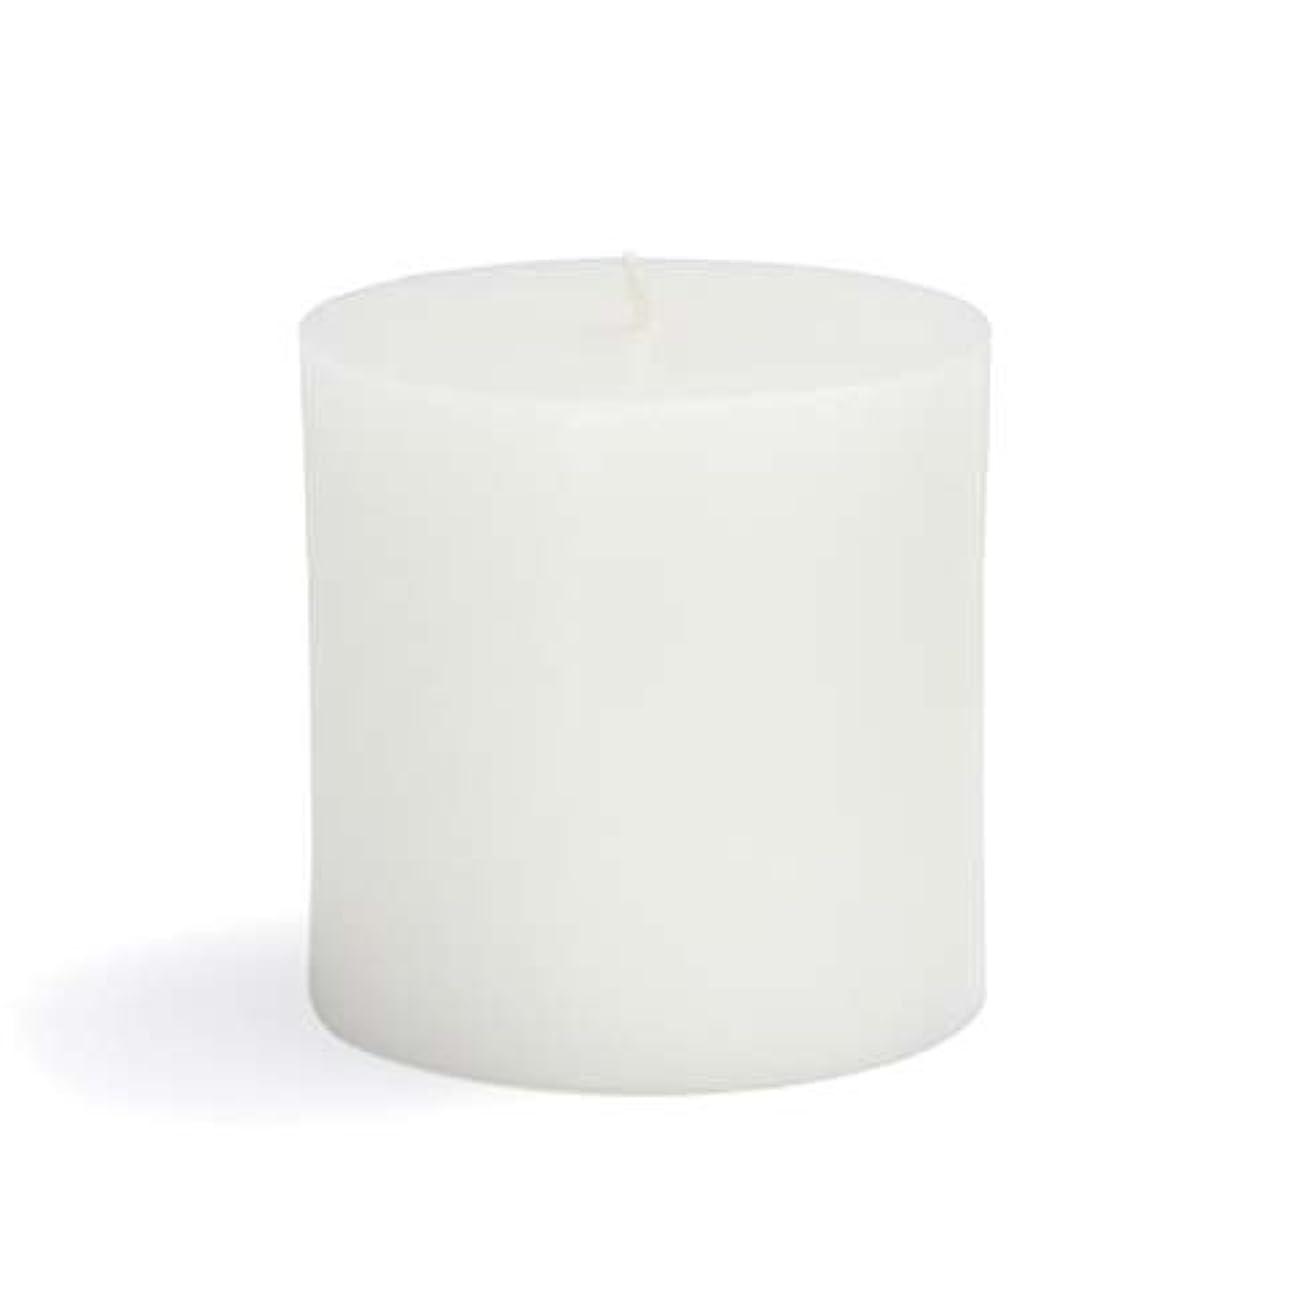 再生可能コンプリート請求書Zest Candle CPZ-071-12 3 x 3 in. White Pillar Candles -12pcs-Case- Bulk